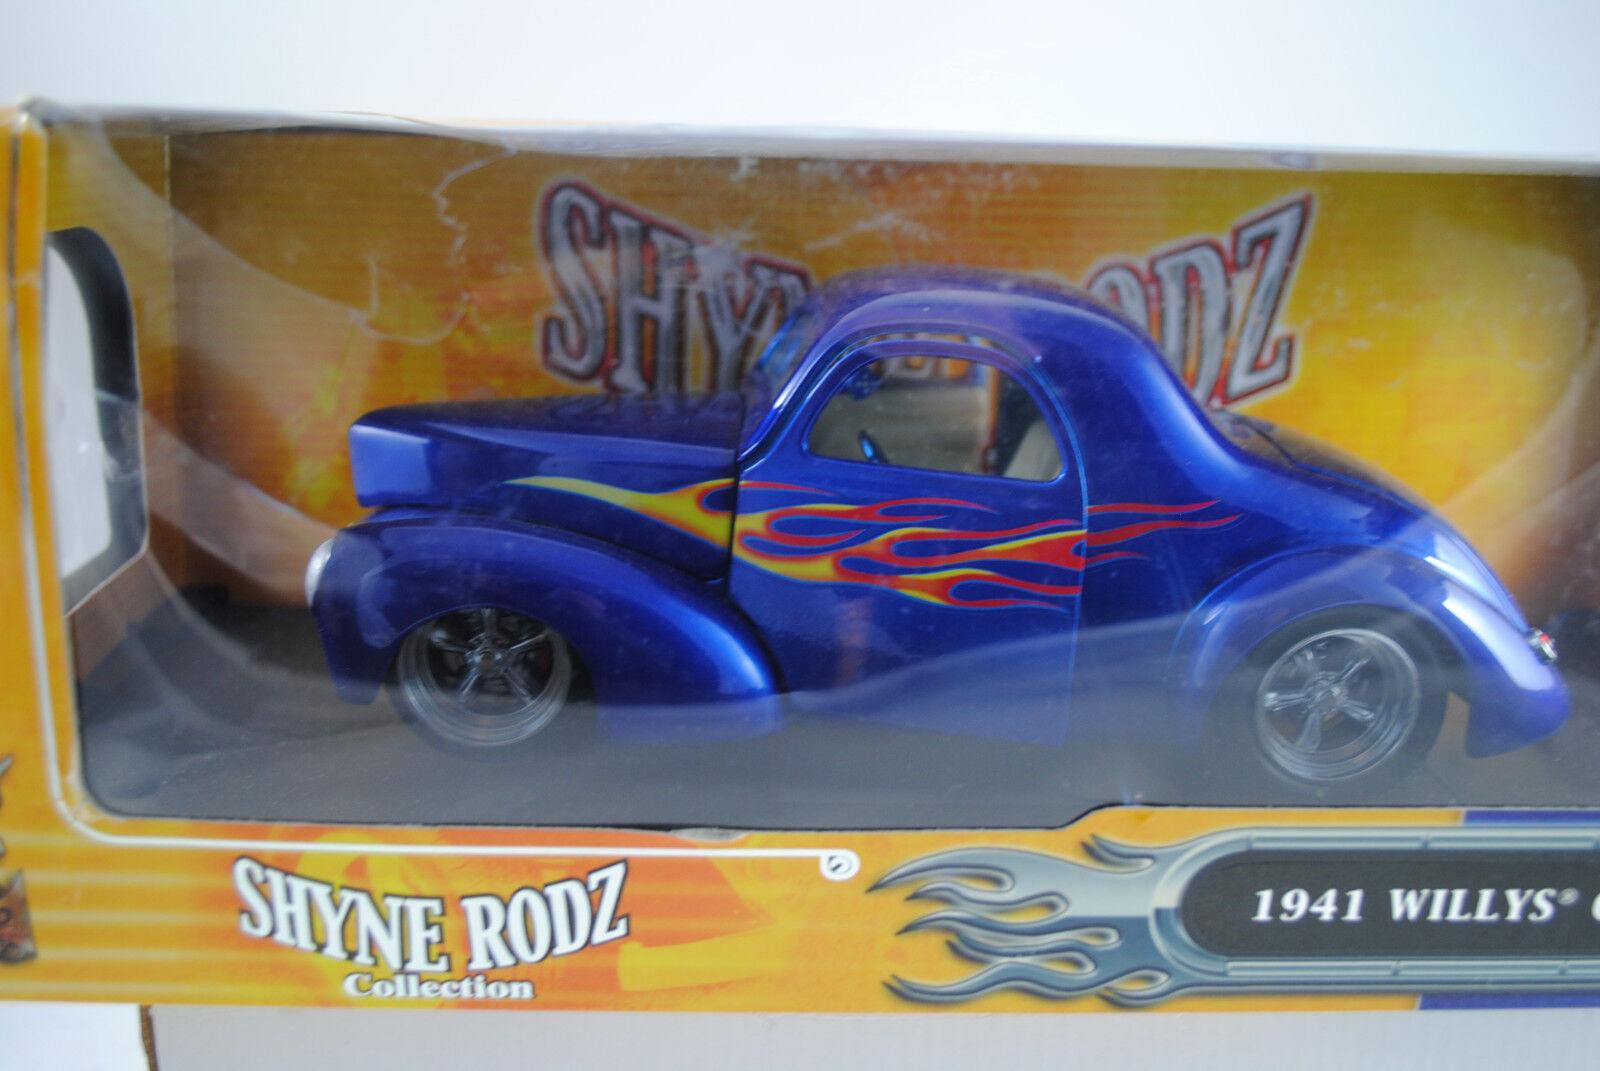 1 18 Roads Legends Shyne Rodz  1941 Willys Coupe bluee RARITÄT - neu OVP